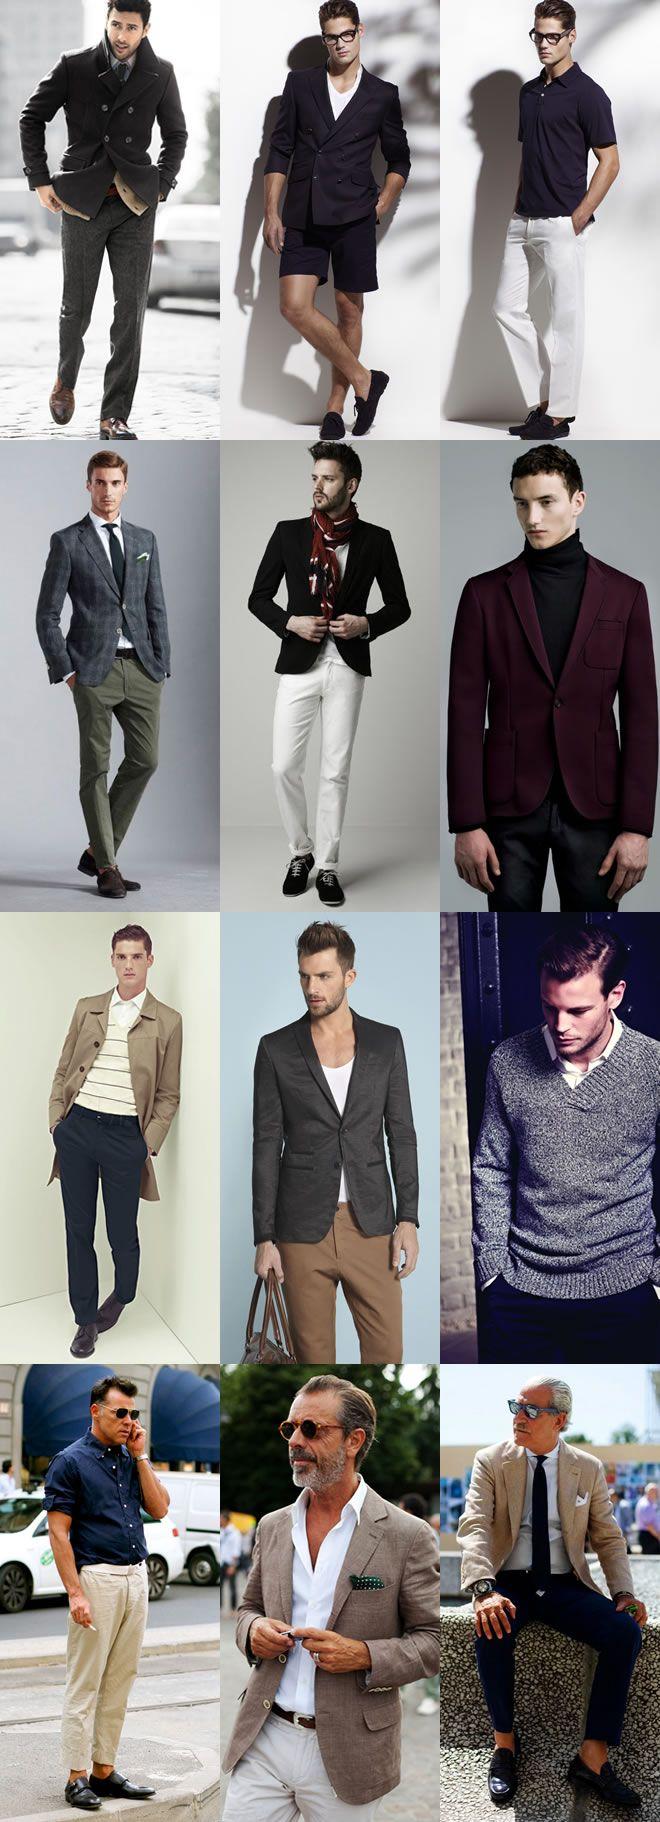 25  Best Ideas about 50s Men's Fashion on Pinterest | 1950 mens ...